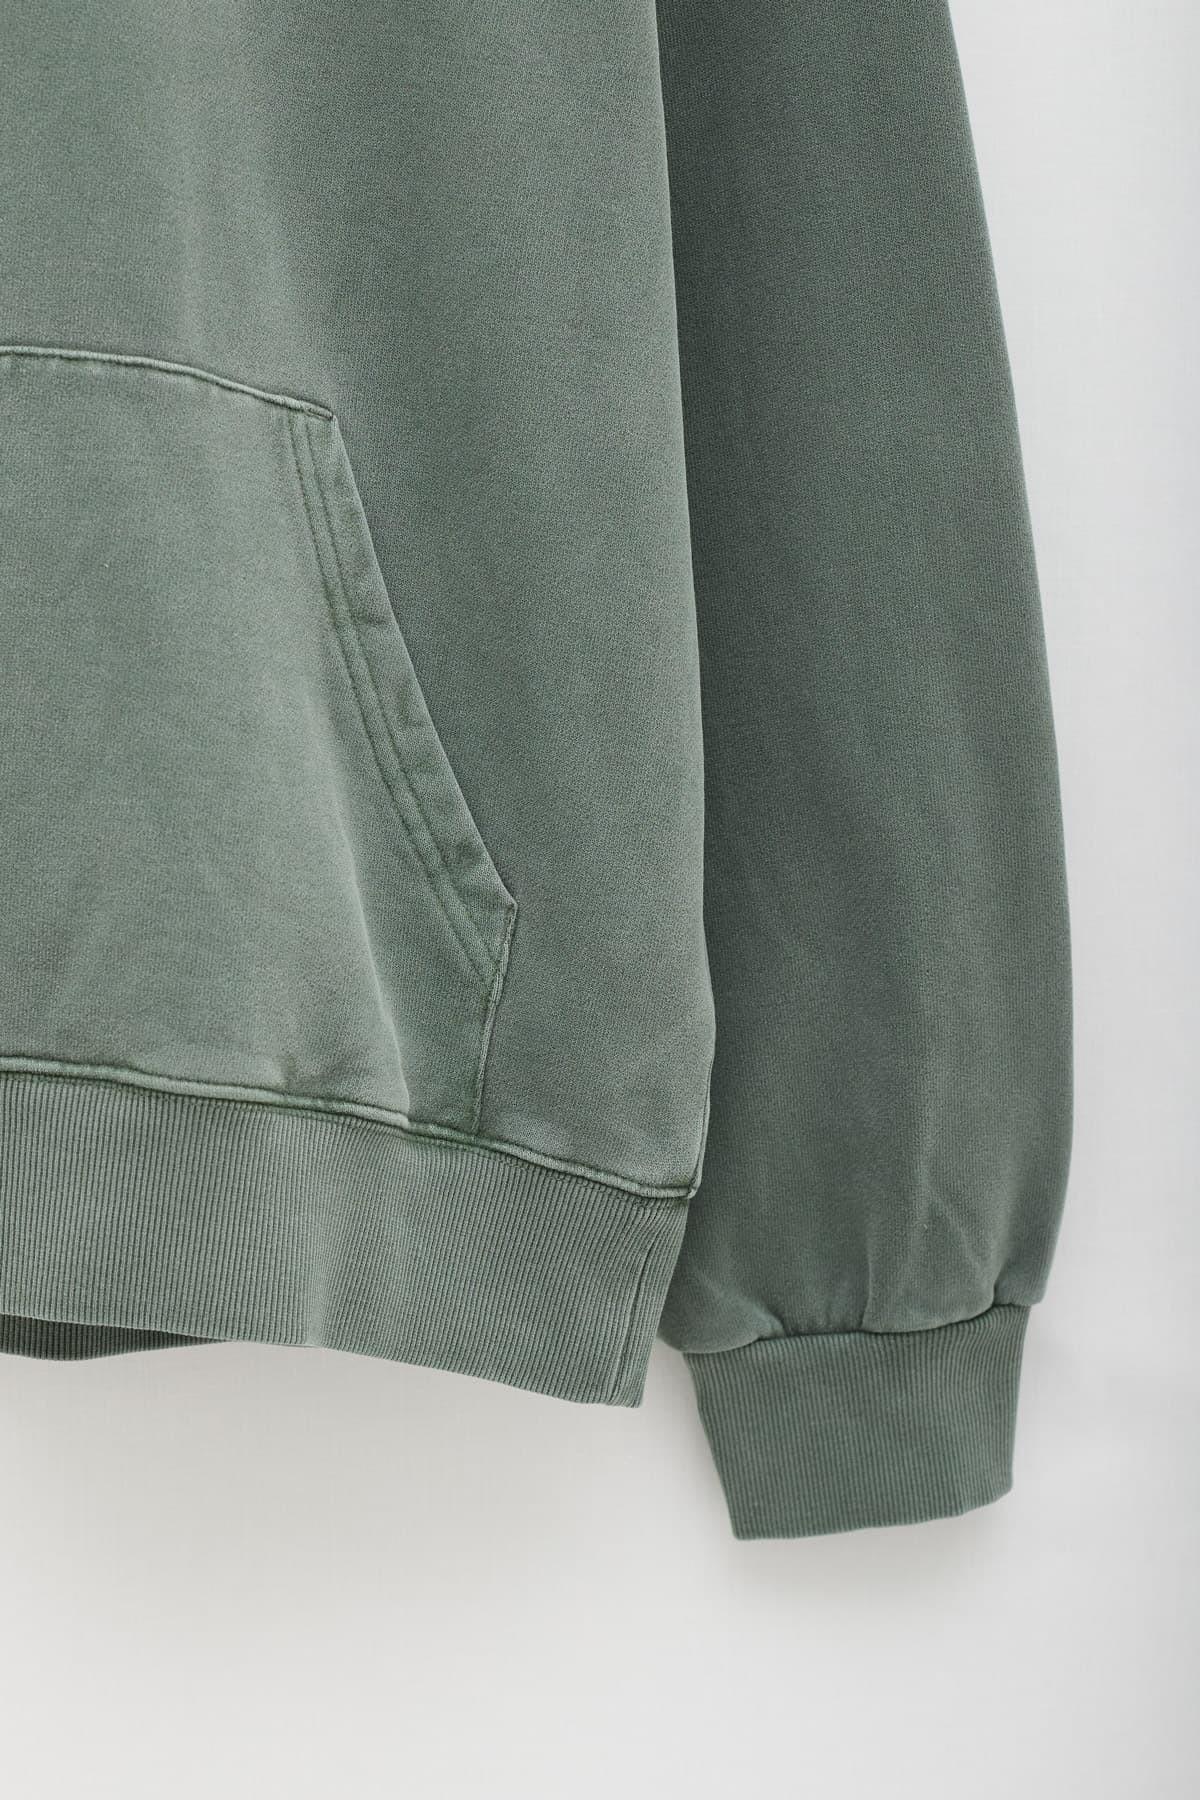 Shop Comme Des Garcons Grey Burgundy S28120 LS T-Shirt